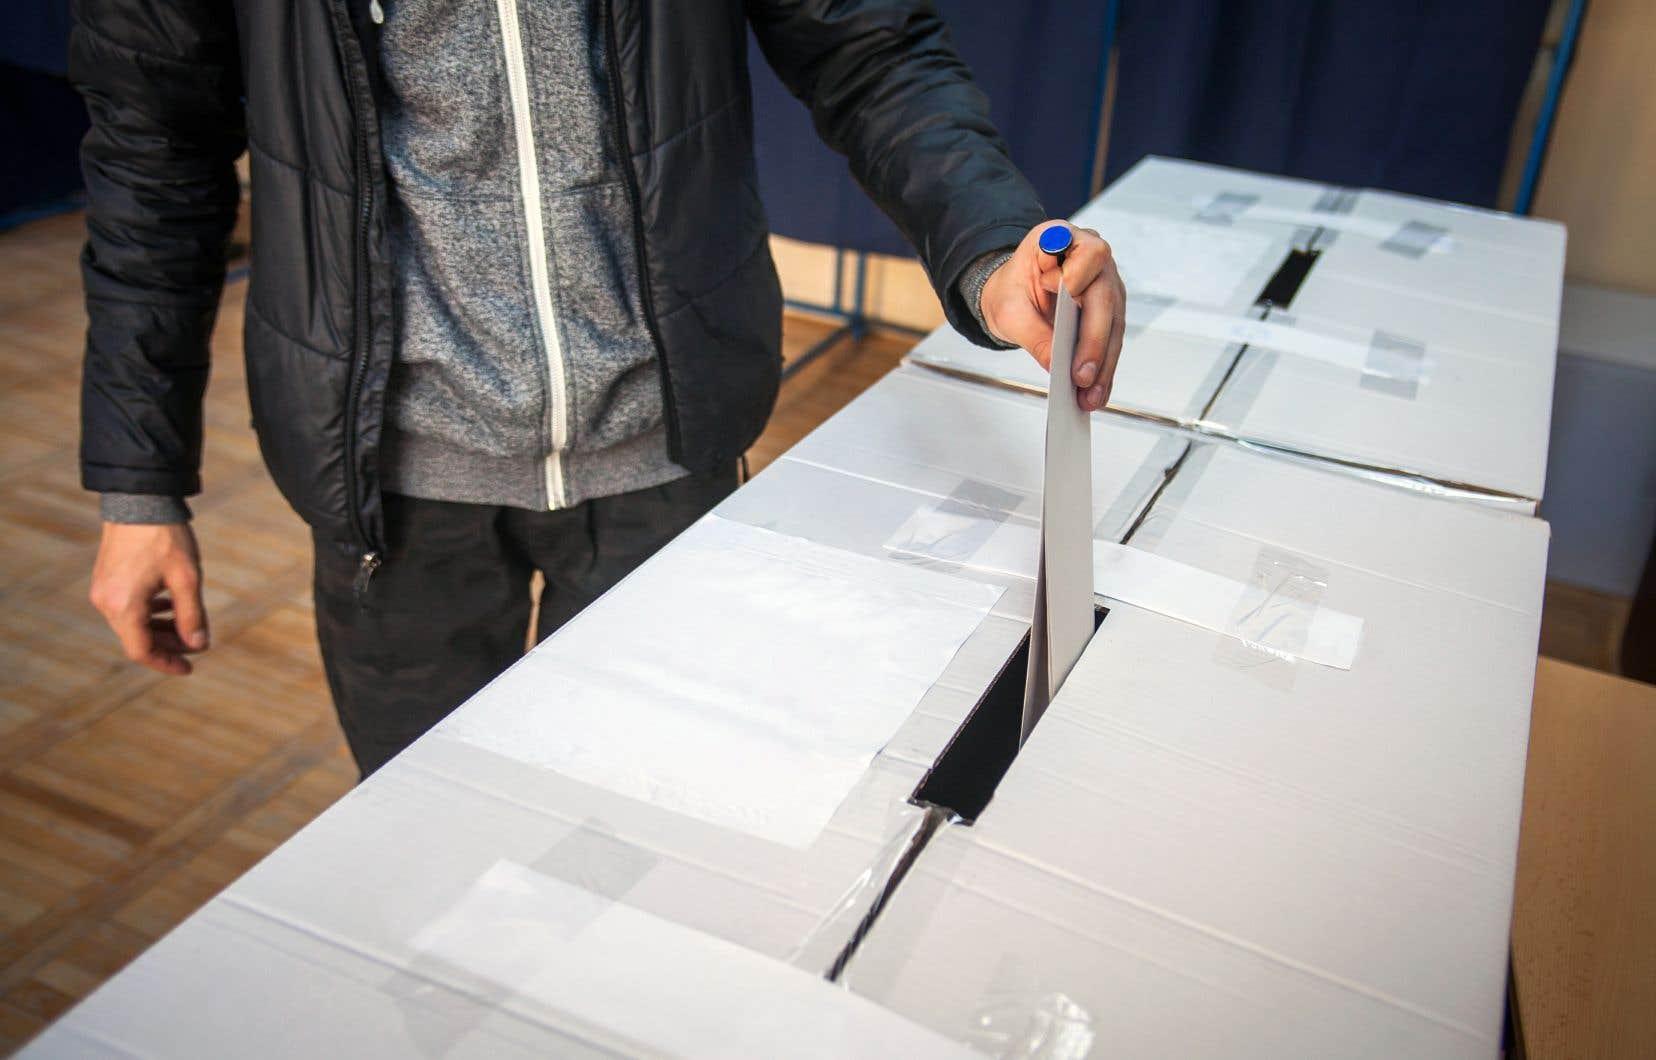 <p>Les jeunes âgés de 18 à 35ans représenterontle tiers de l'électorat lors du scrutin provincial du 1eroctobre prochain.</p>